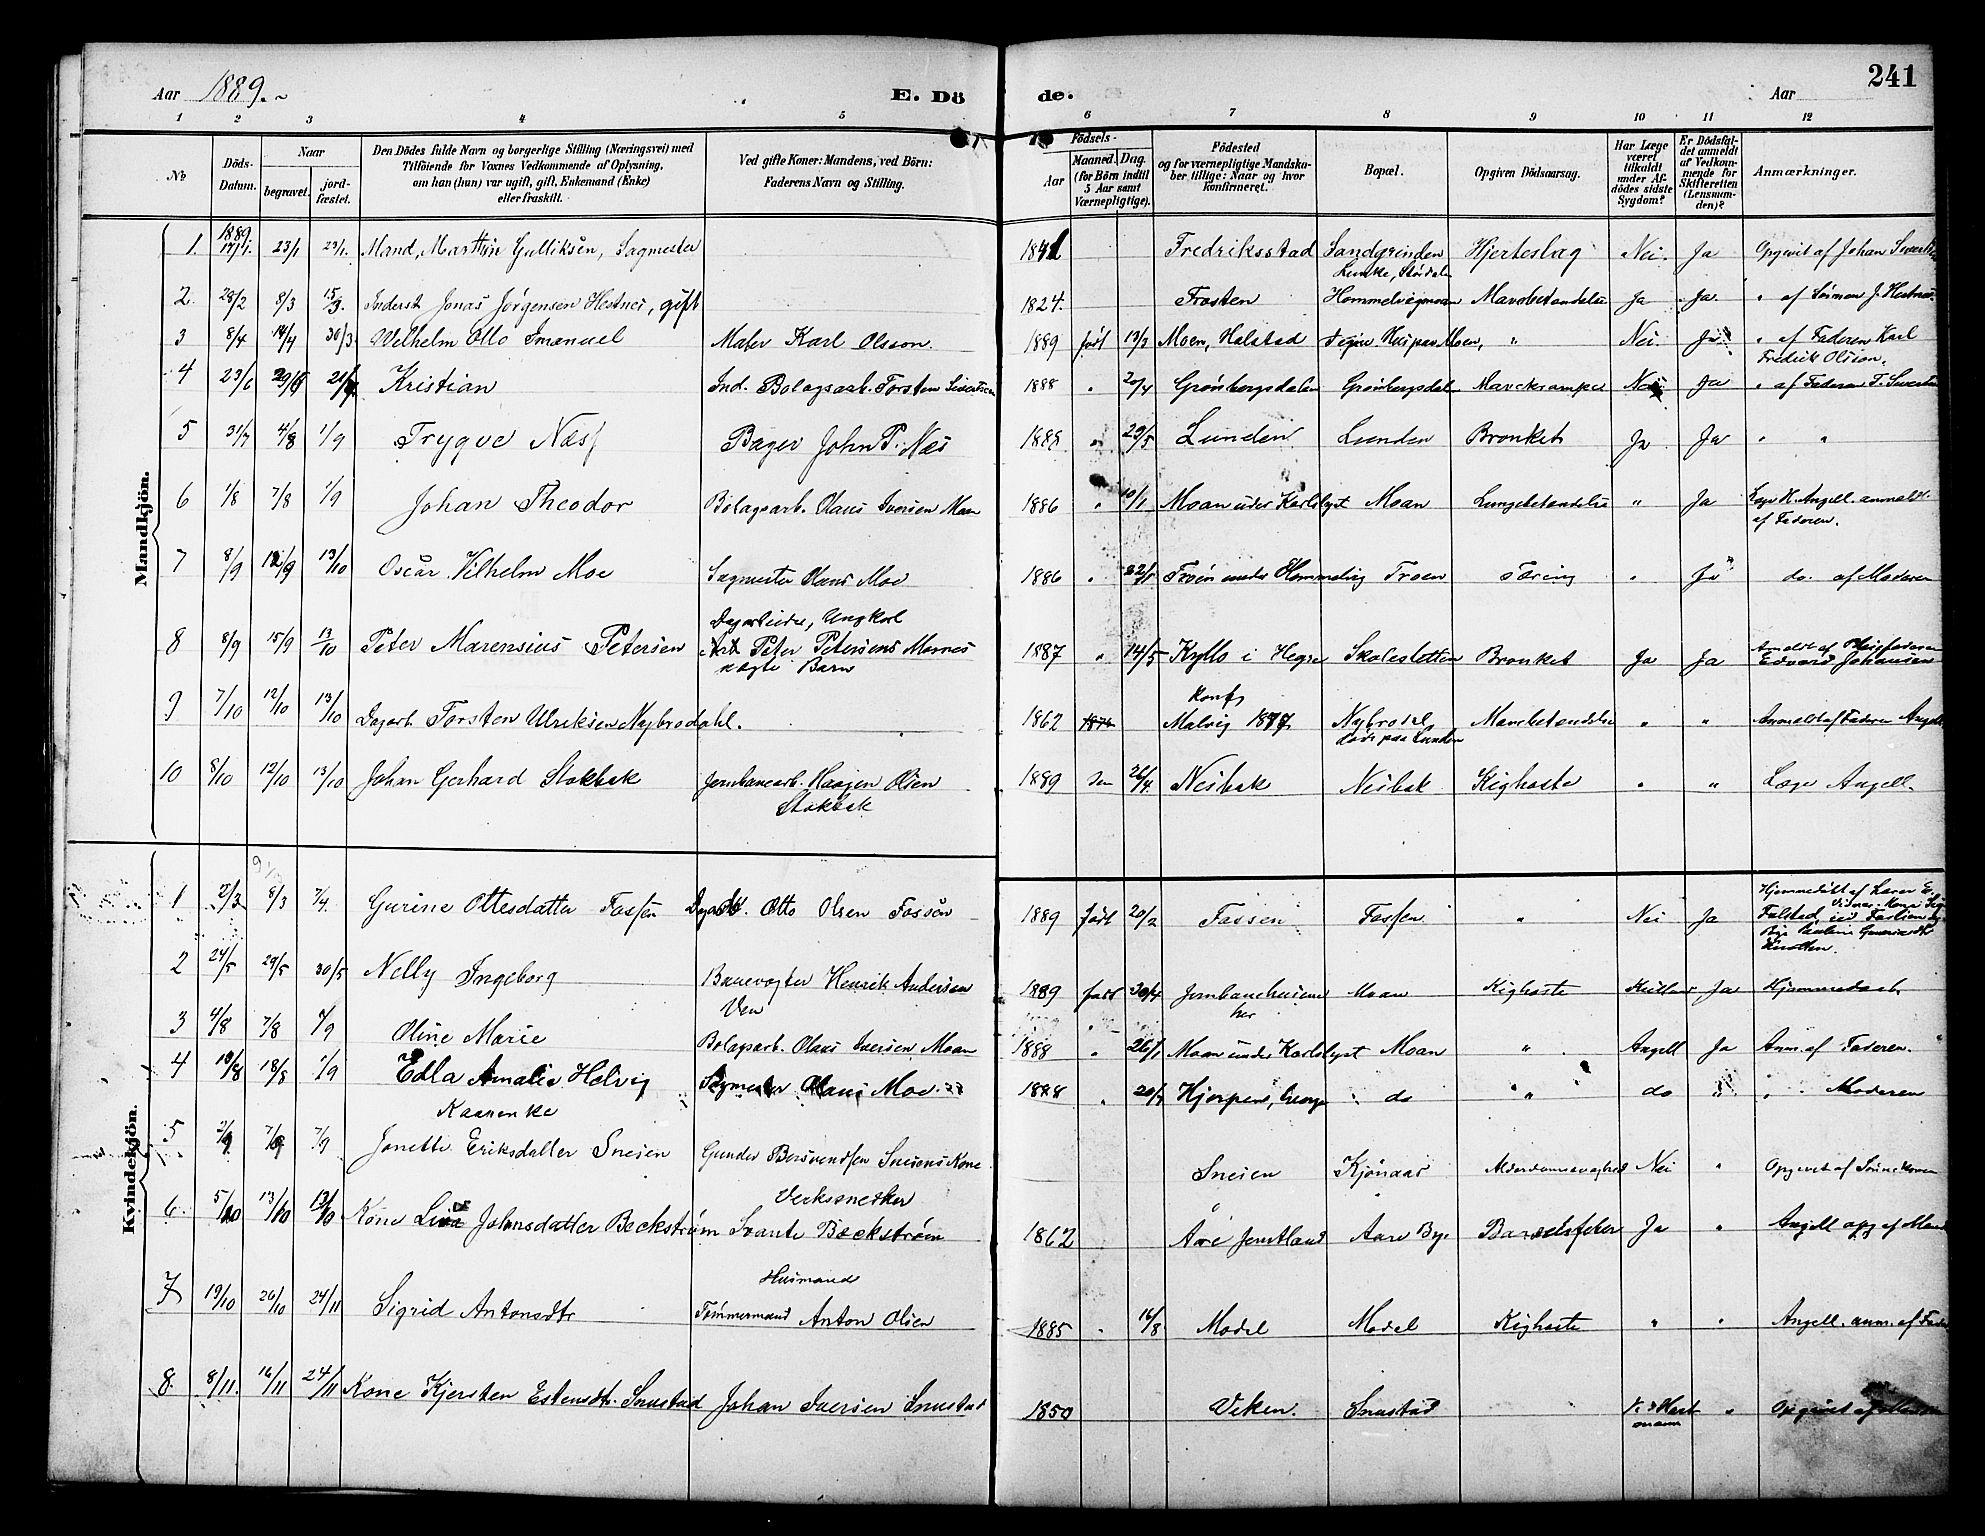 SAT, Ministerialprotokoller, klokkerbøker og fødselsregistre - Sør-Trøndelag, 617/L0431: Klokkerbok nr. 617C01, 1889-1910, s. 241